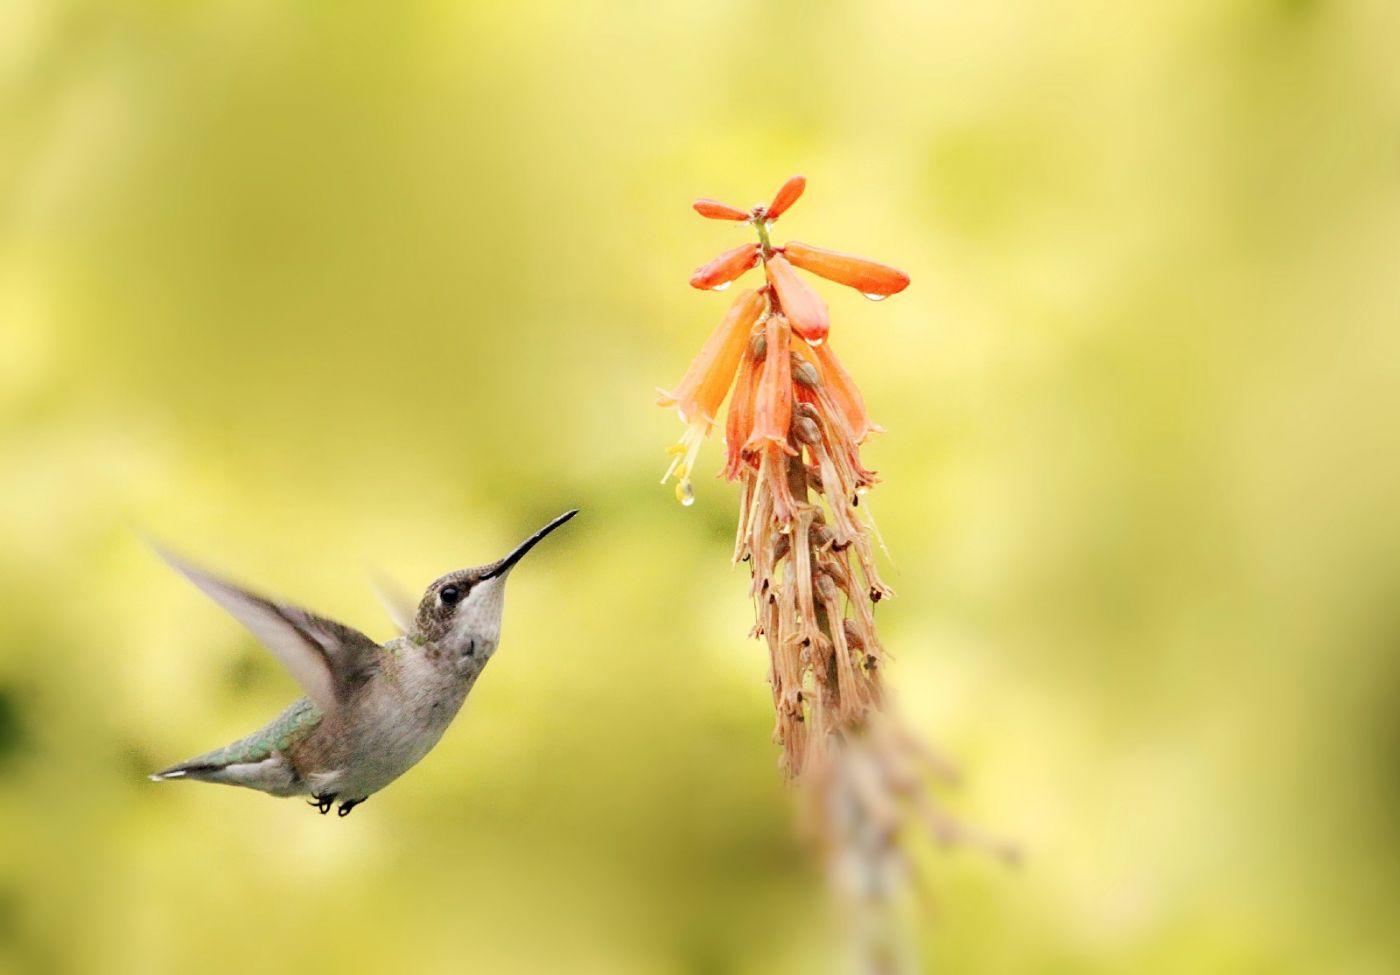 【田螺摄影】在纽约city找蜂鸟拍不难_图1-16